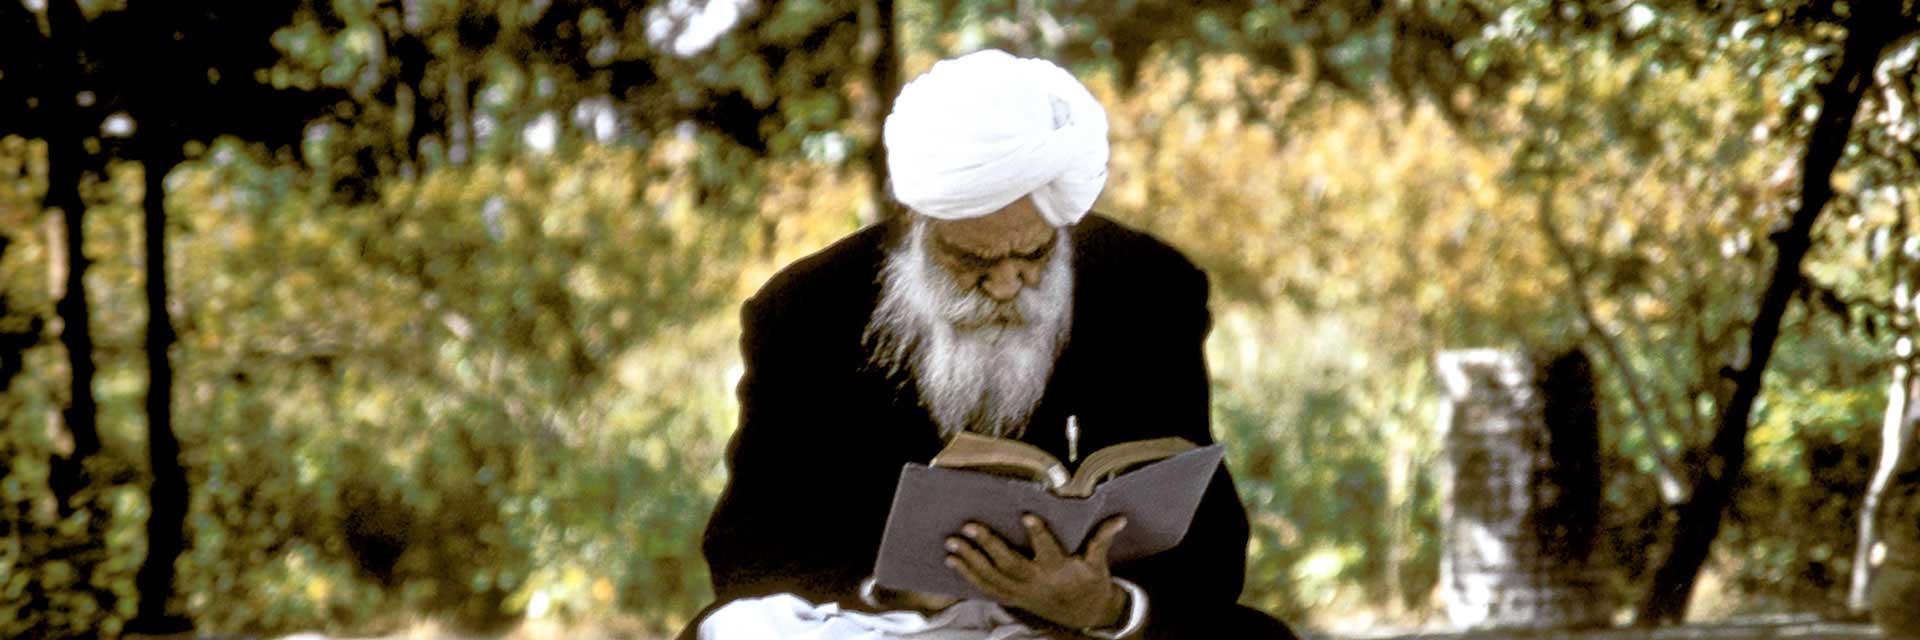 1920x640_Kirpal-Singh_02.jpg